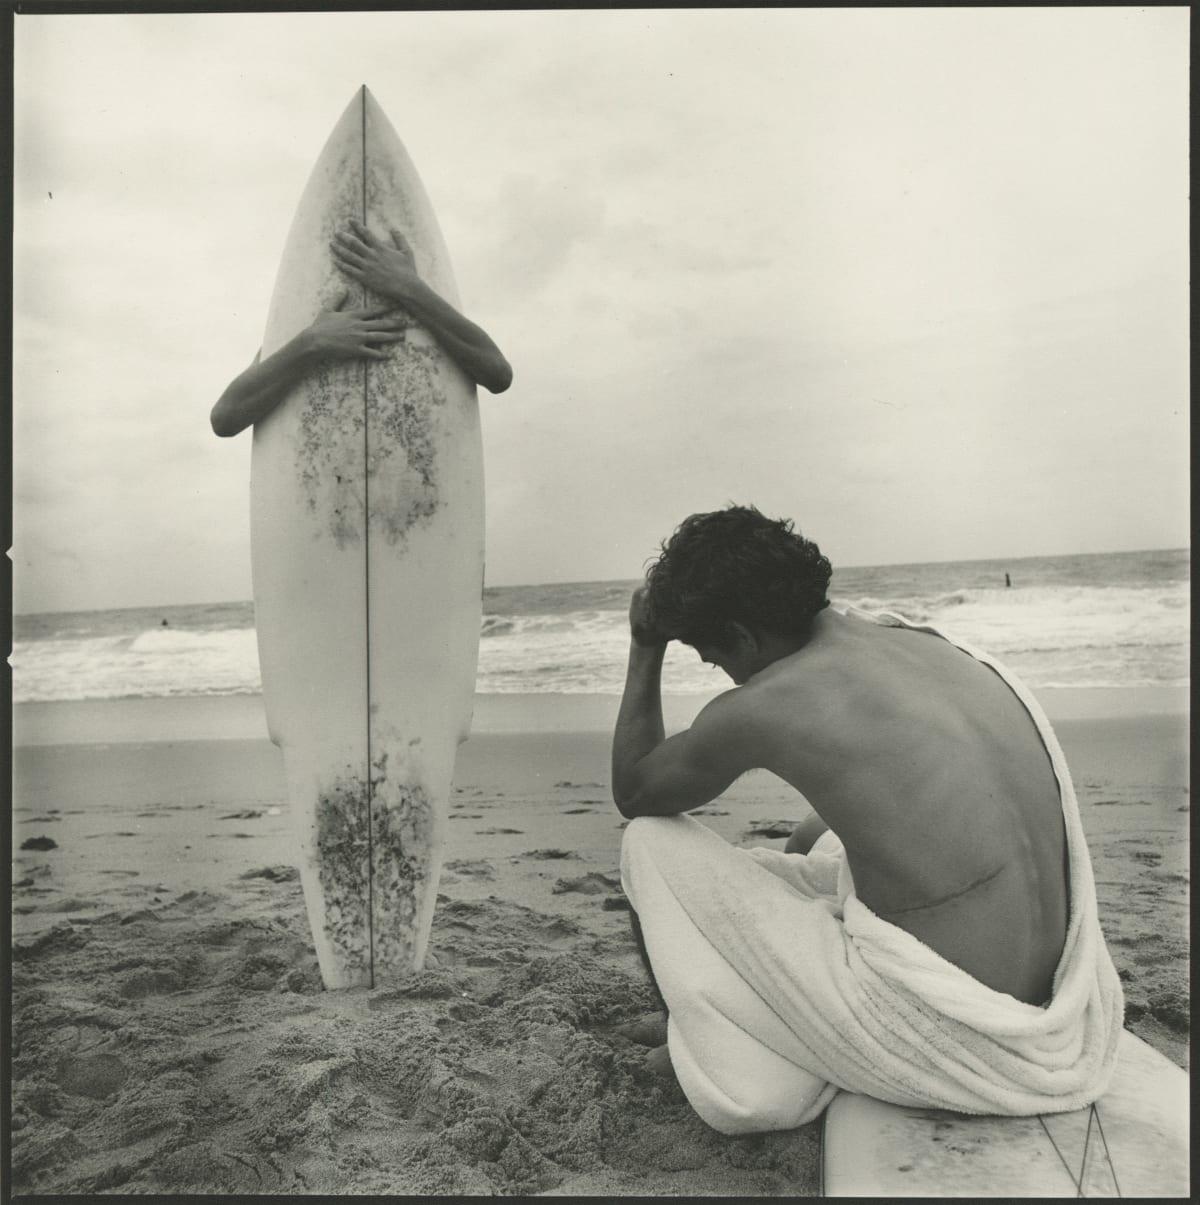 Arthur Tress, Surfers, St. Lauderdale, 1978